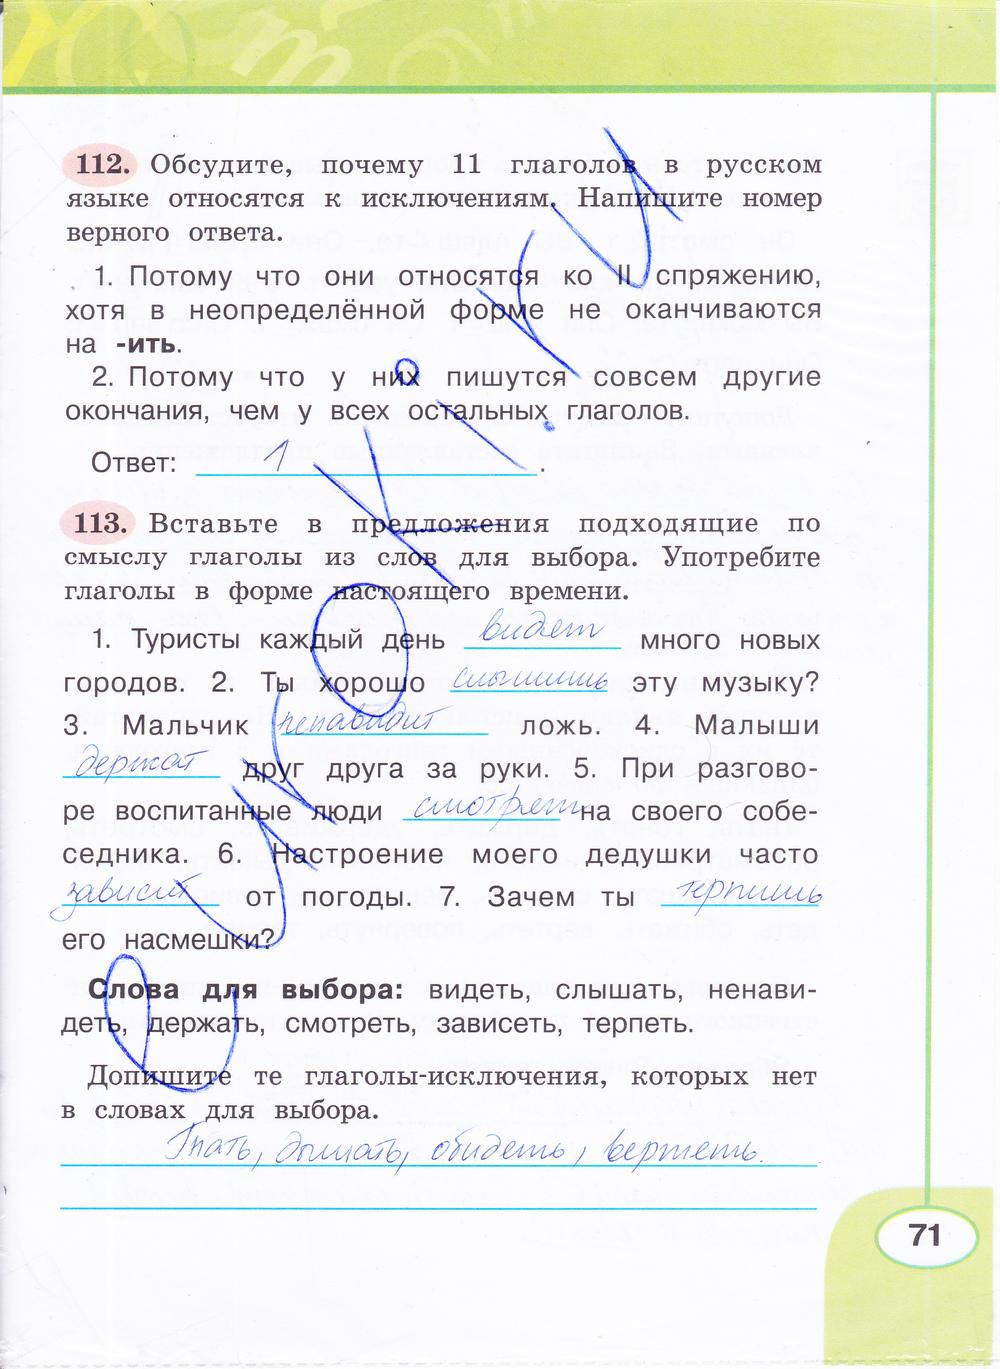 Решебник гдз по русскому языку 4 класс перспектива л,ф,климанова